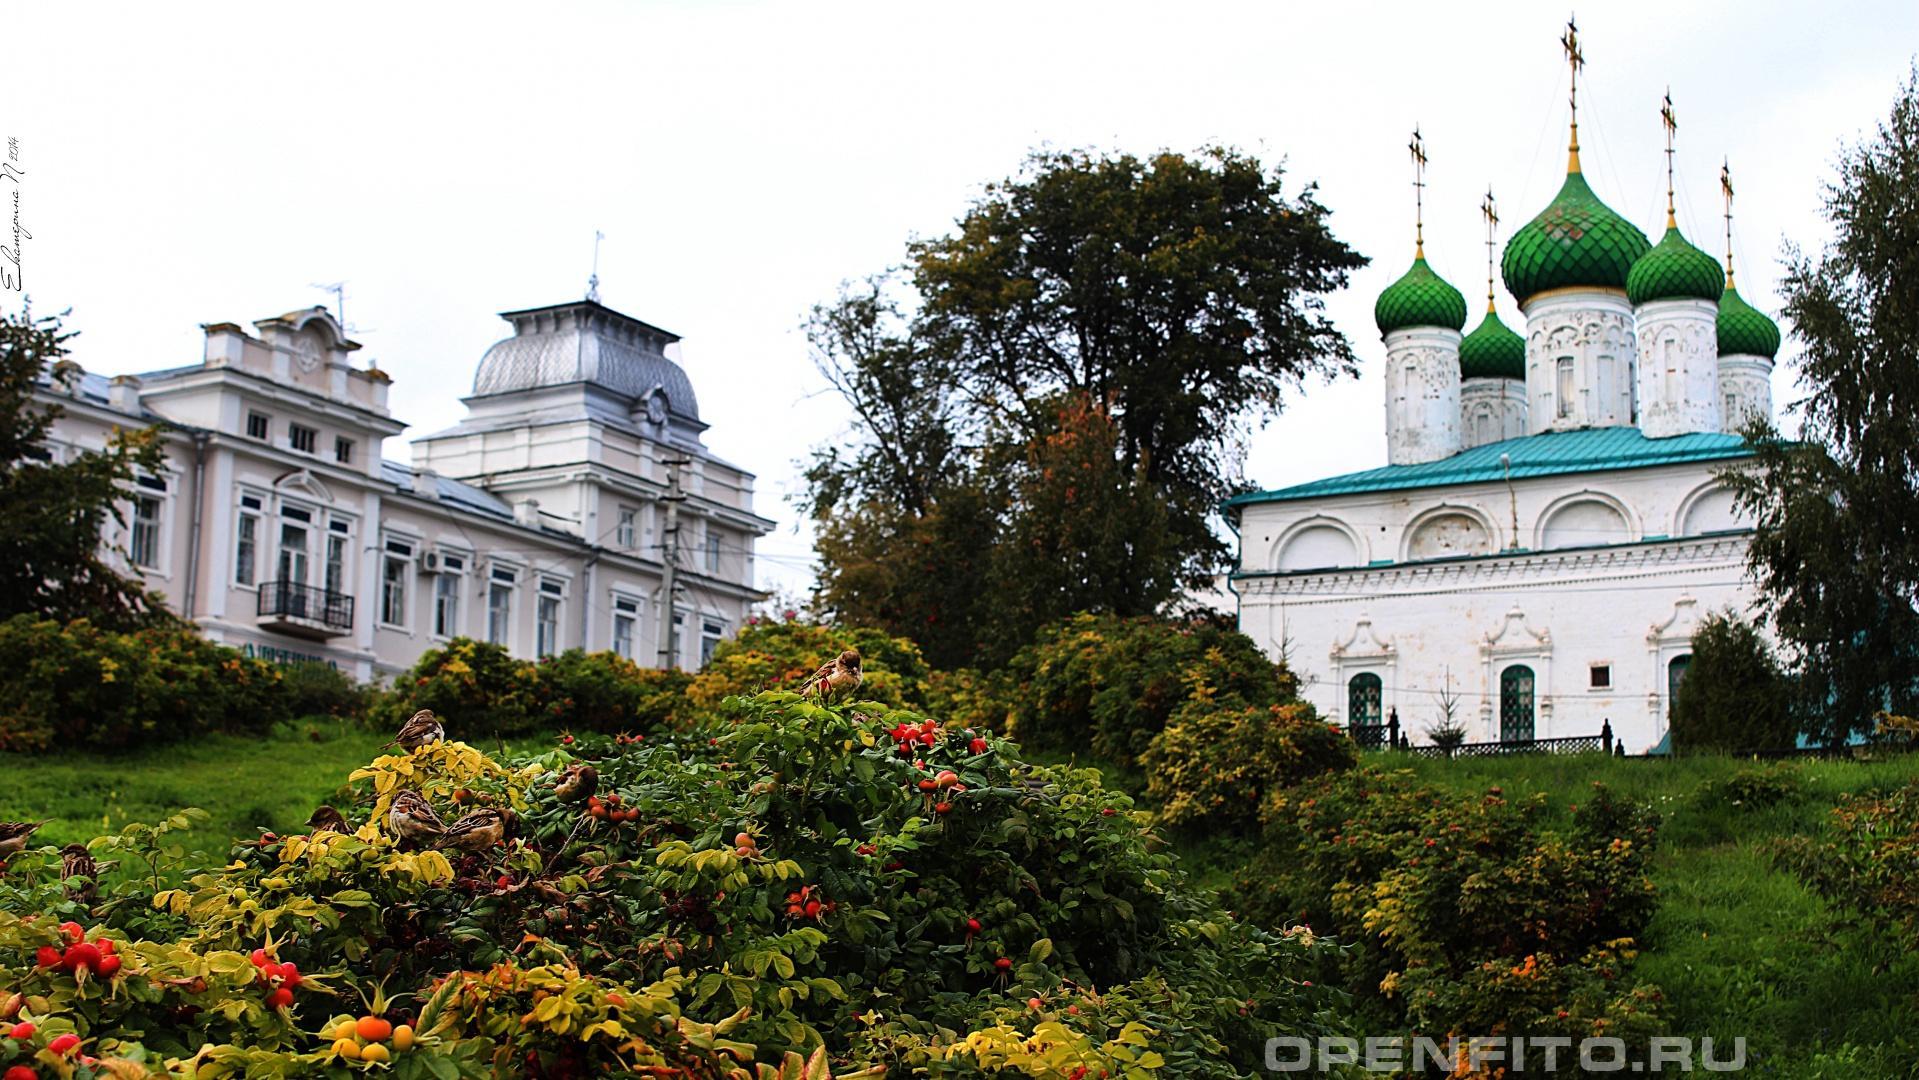 Церковь Михаила Архангела Церковь Михаила Архангела, город Чебоксары, Республика Чувашия